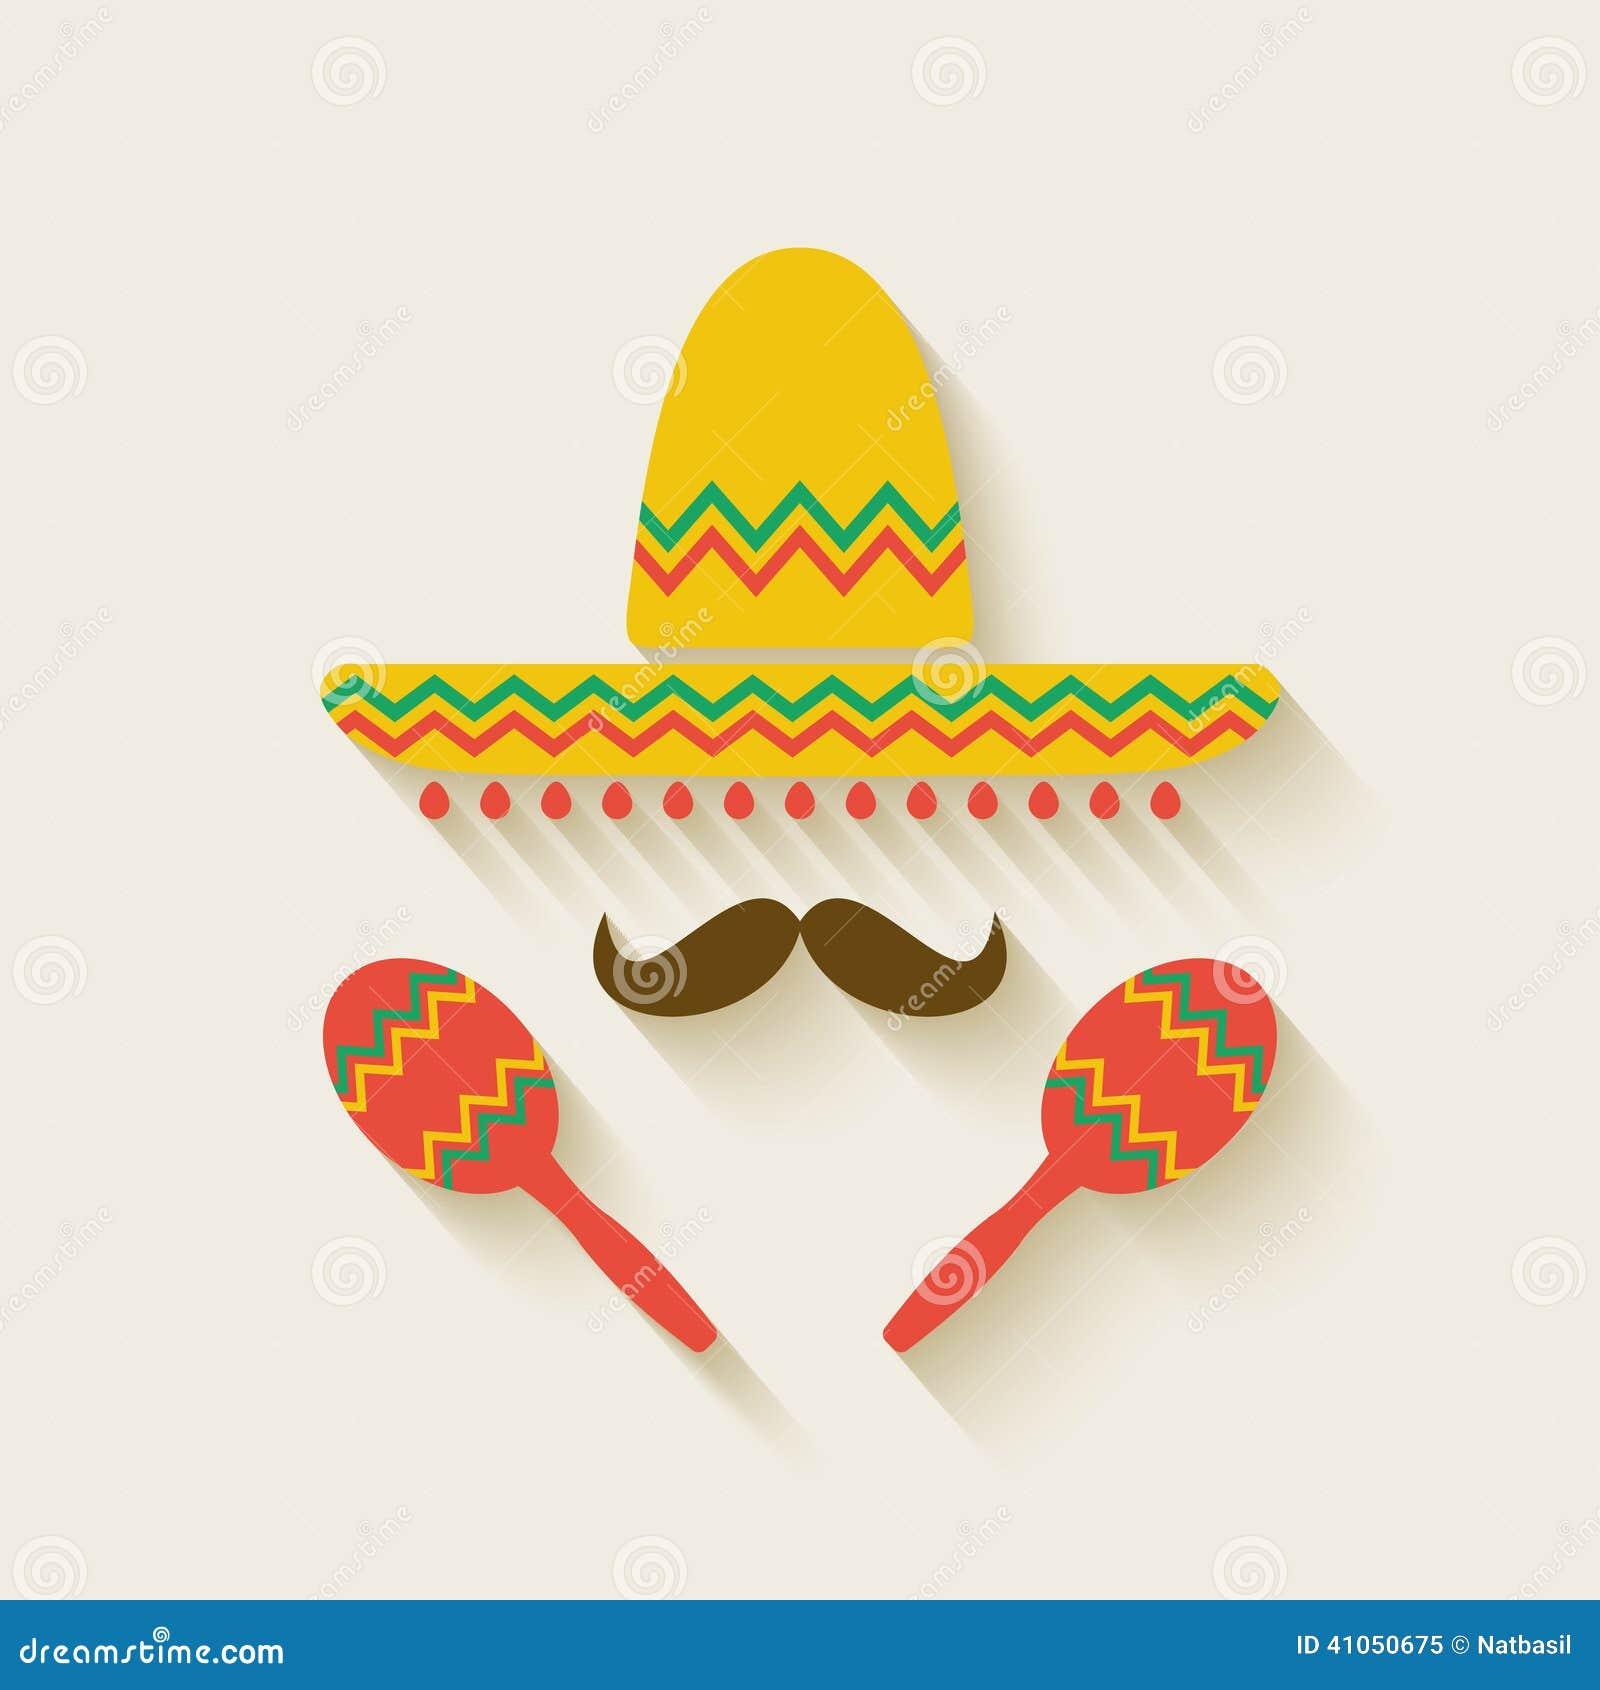 Maracas And Sombrero Clipart sombrero stock illustrations, vectors ...